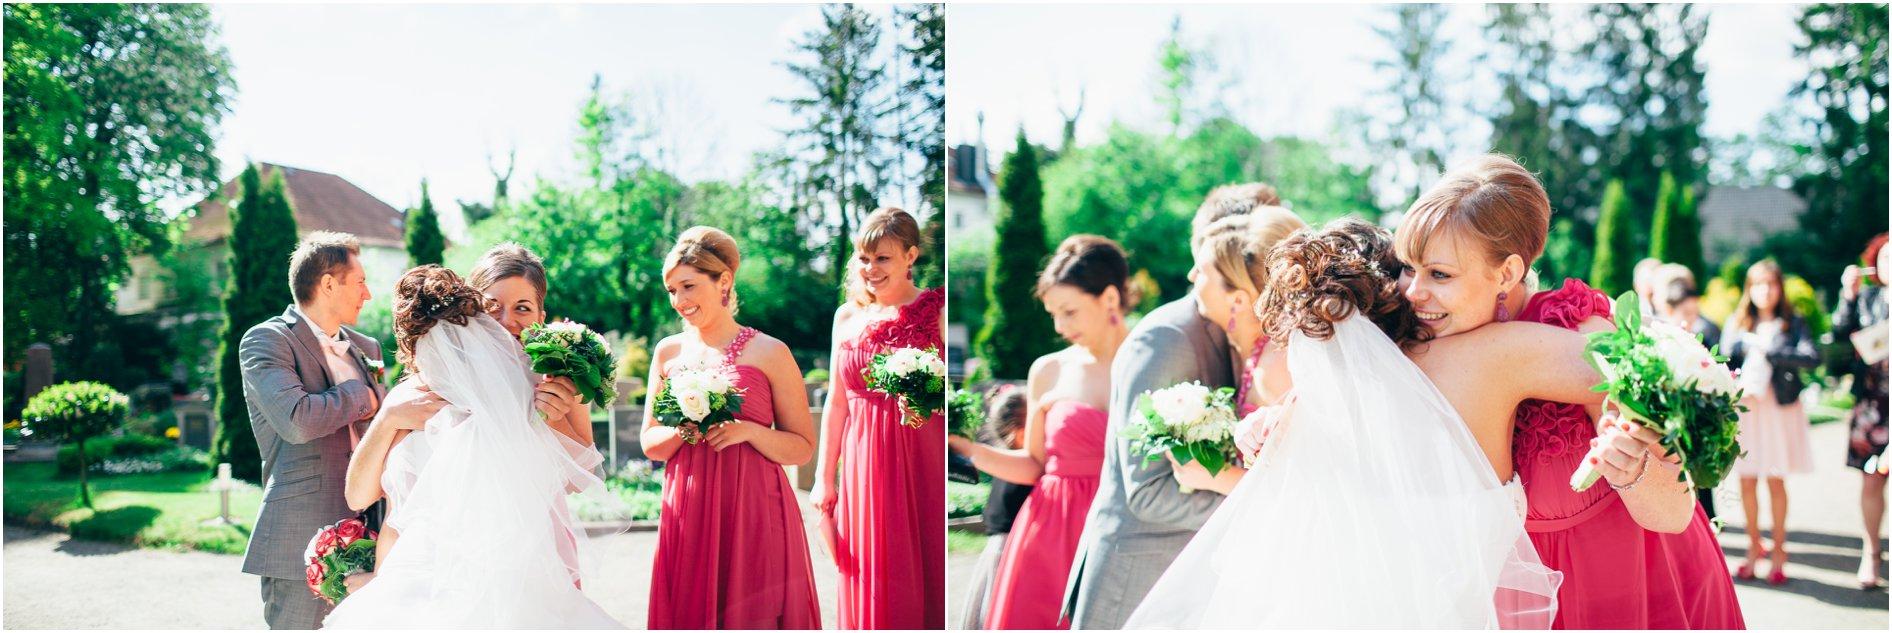 2014-07-16_0183 Anna & Igor - Hochzeitsfotograf in Bremen